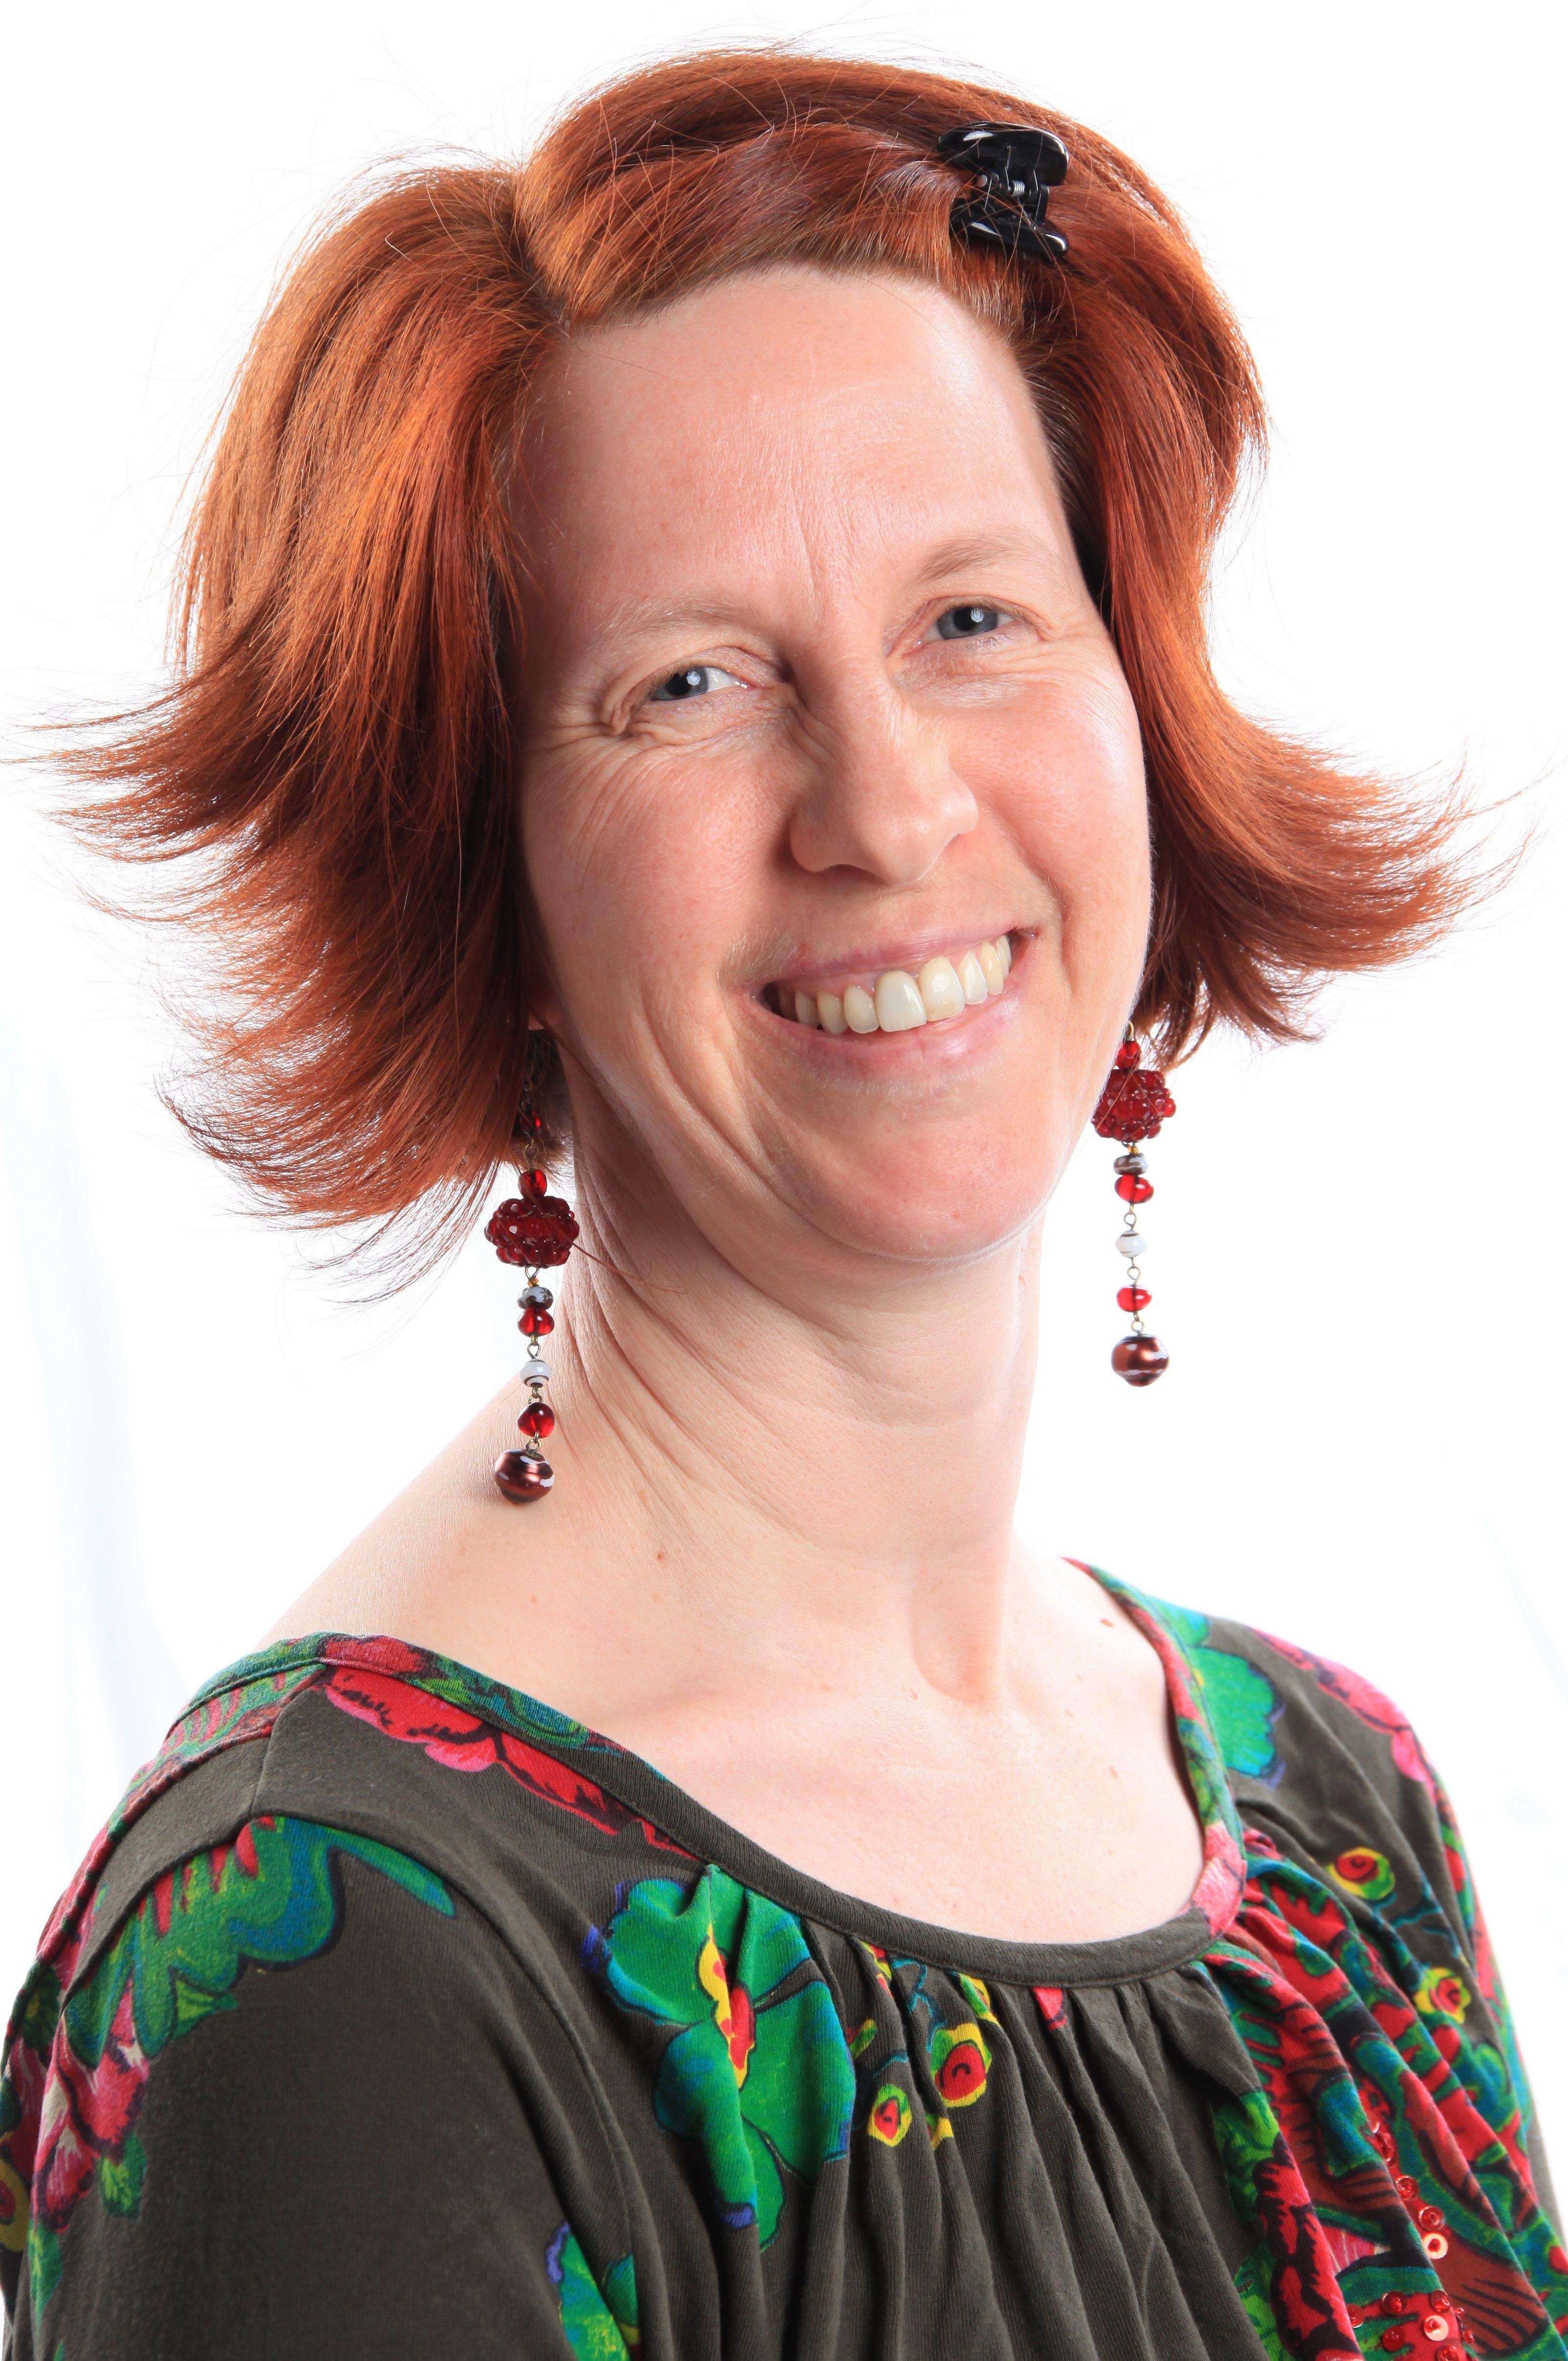 Sabi Kasper